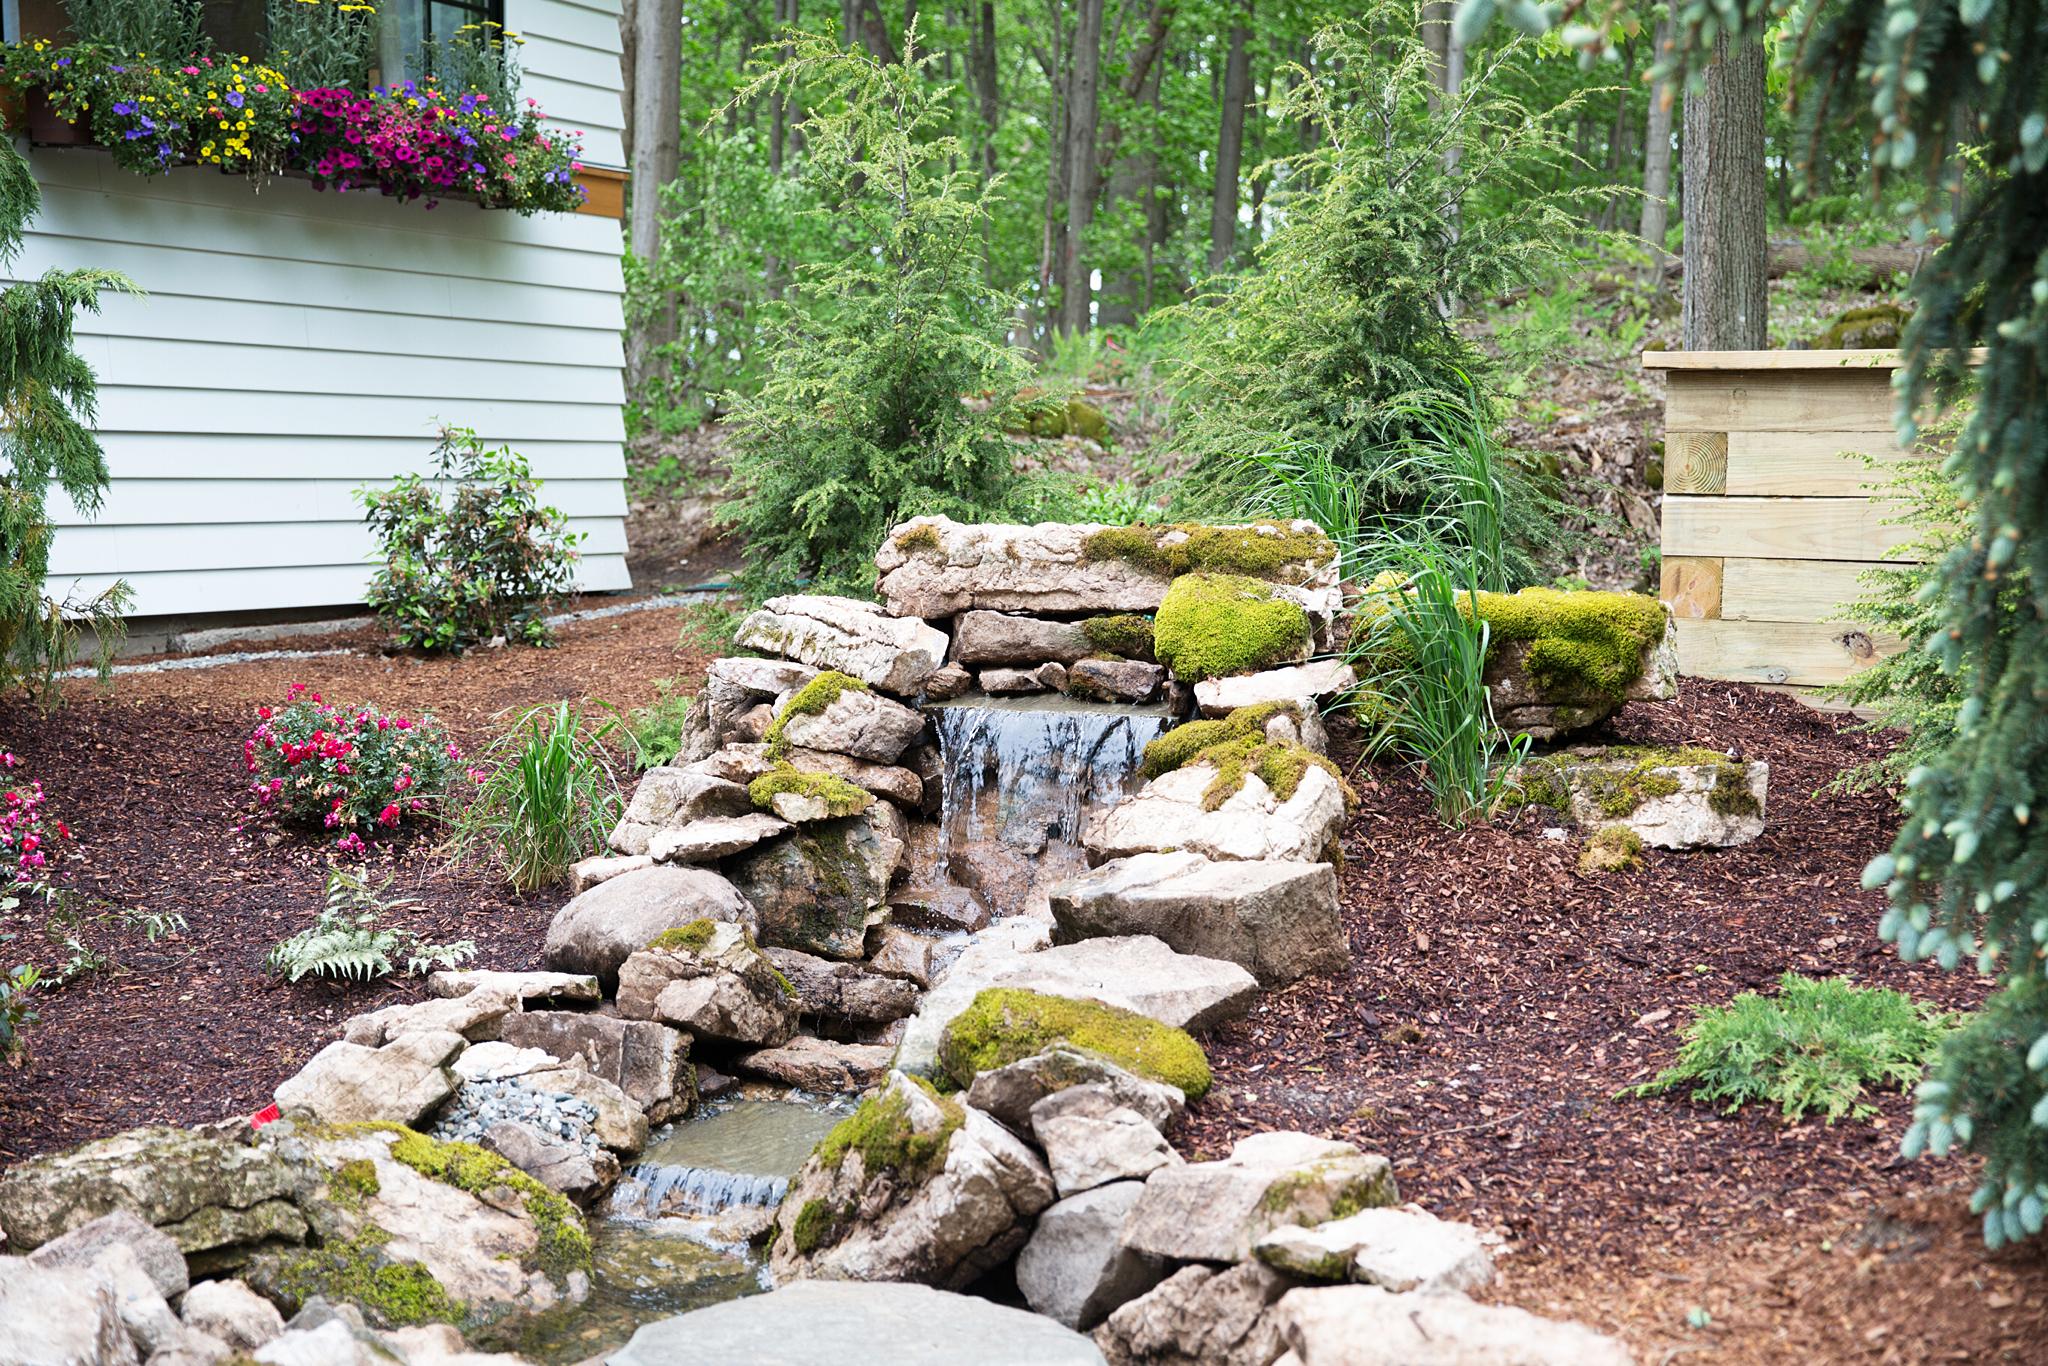 озеленение участка декоративный каменный водопад мох